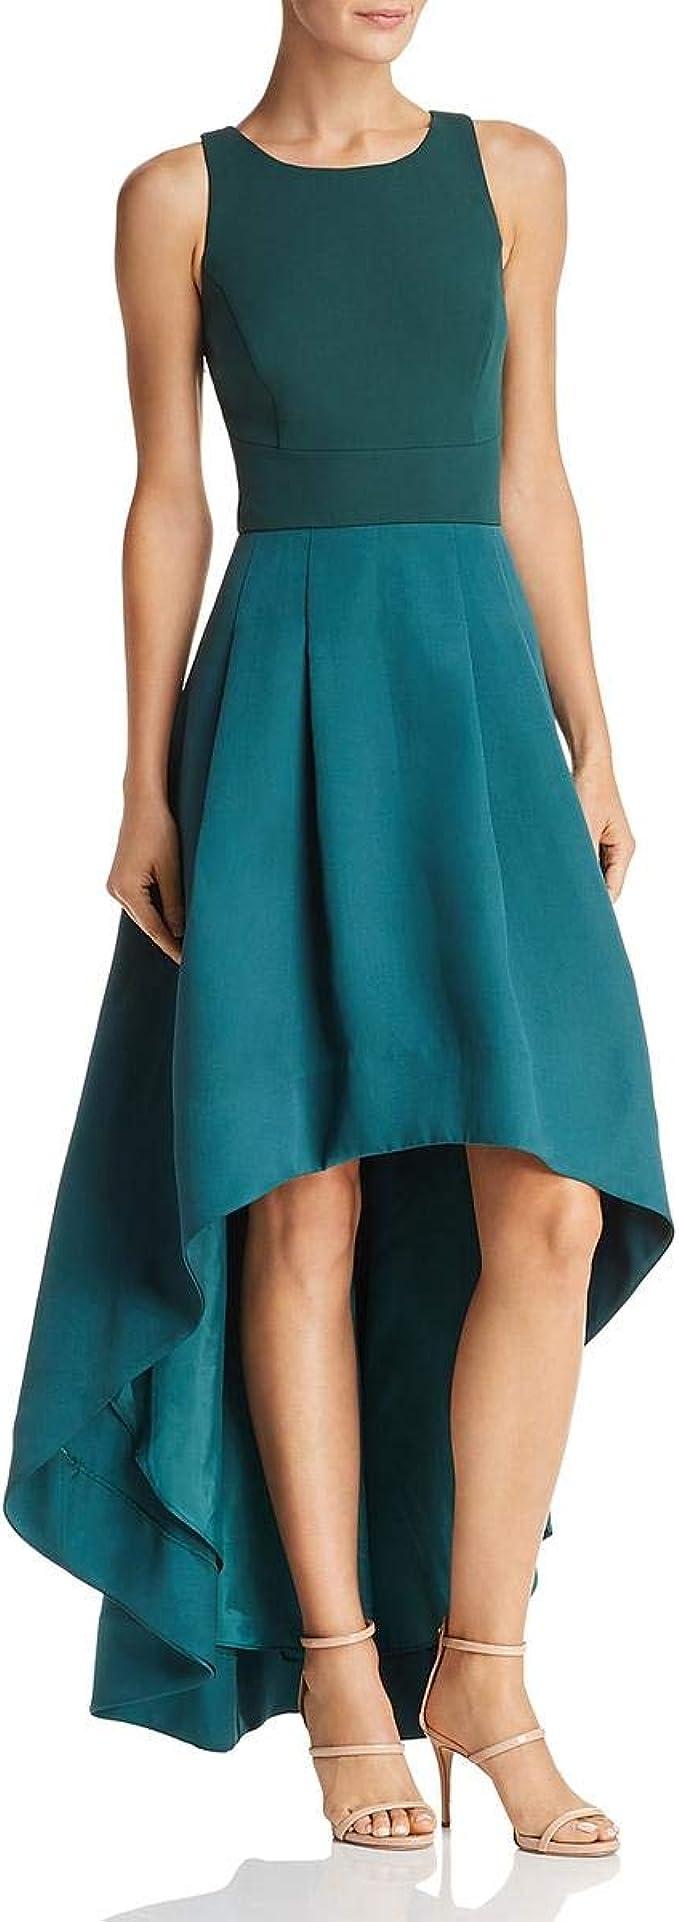 Eliza J Damen Sleeveless Open Back High Low Gown Formales Kleid ...